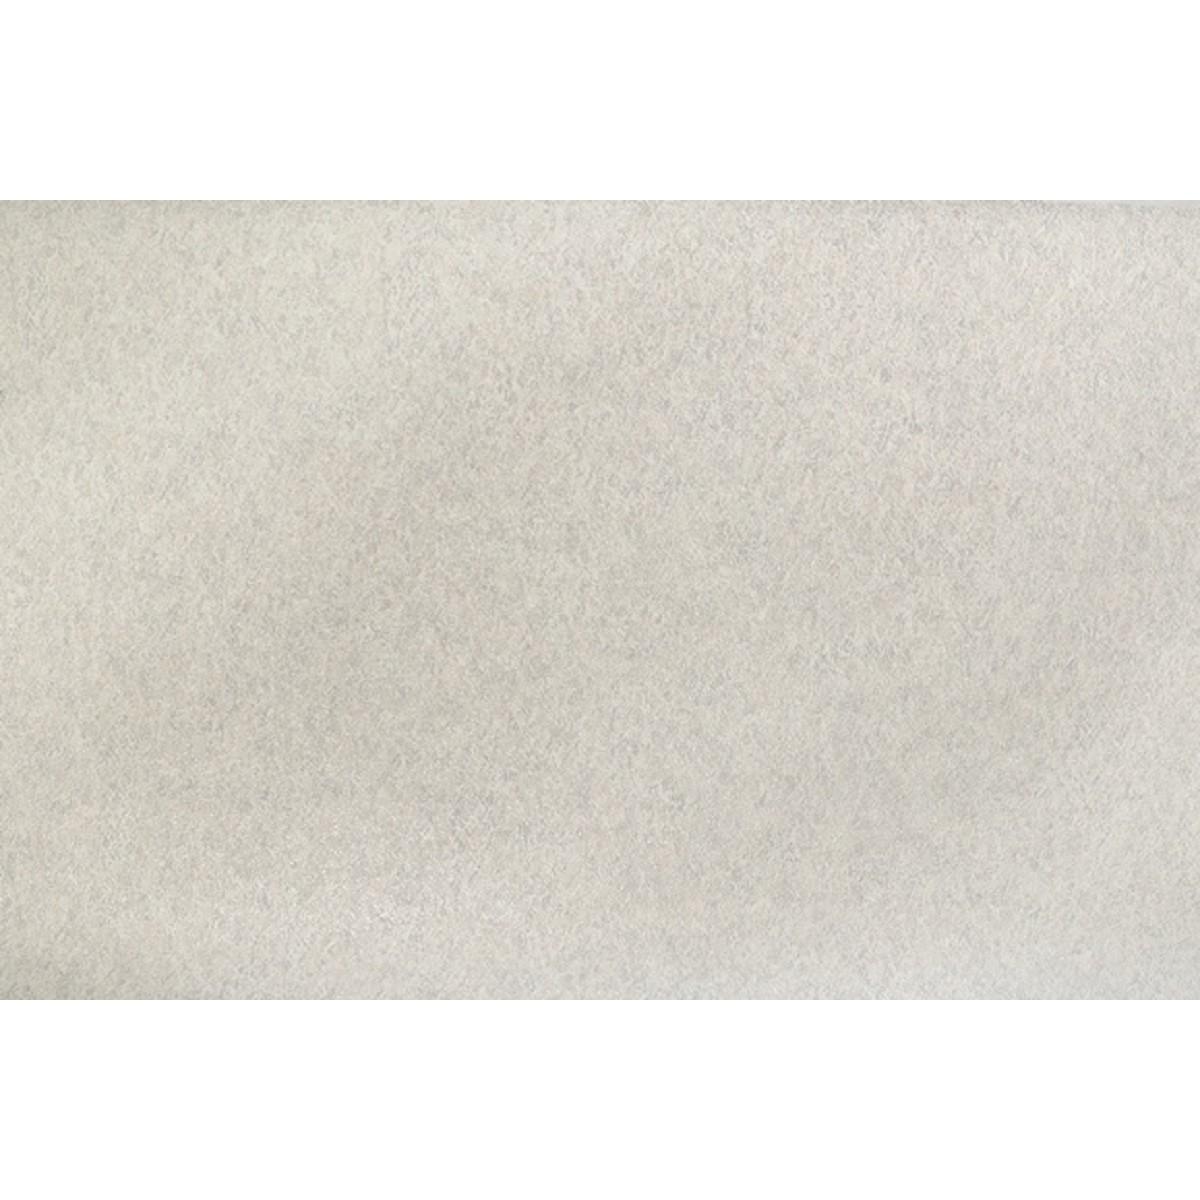 Обои флизелиновые Melody Аура белые 49802 1.06 м